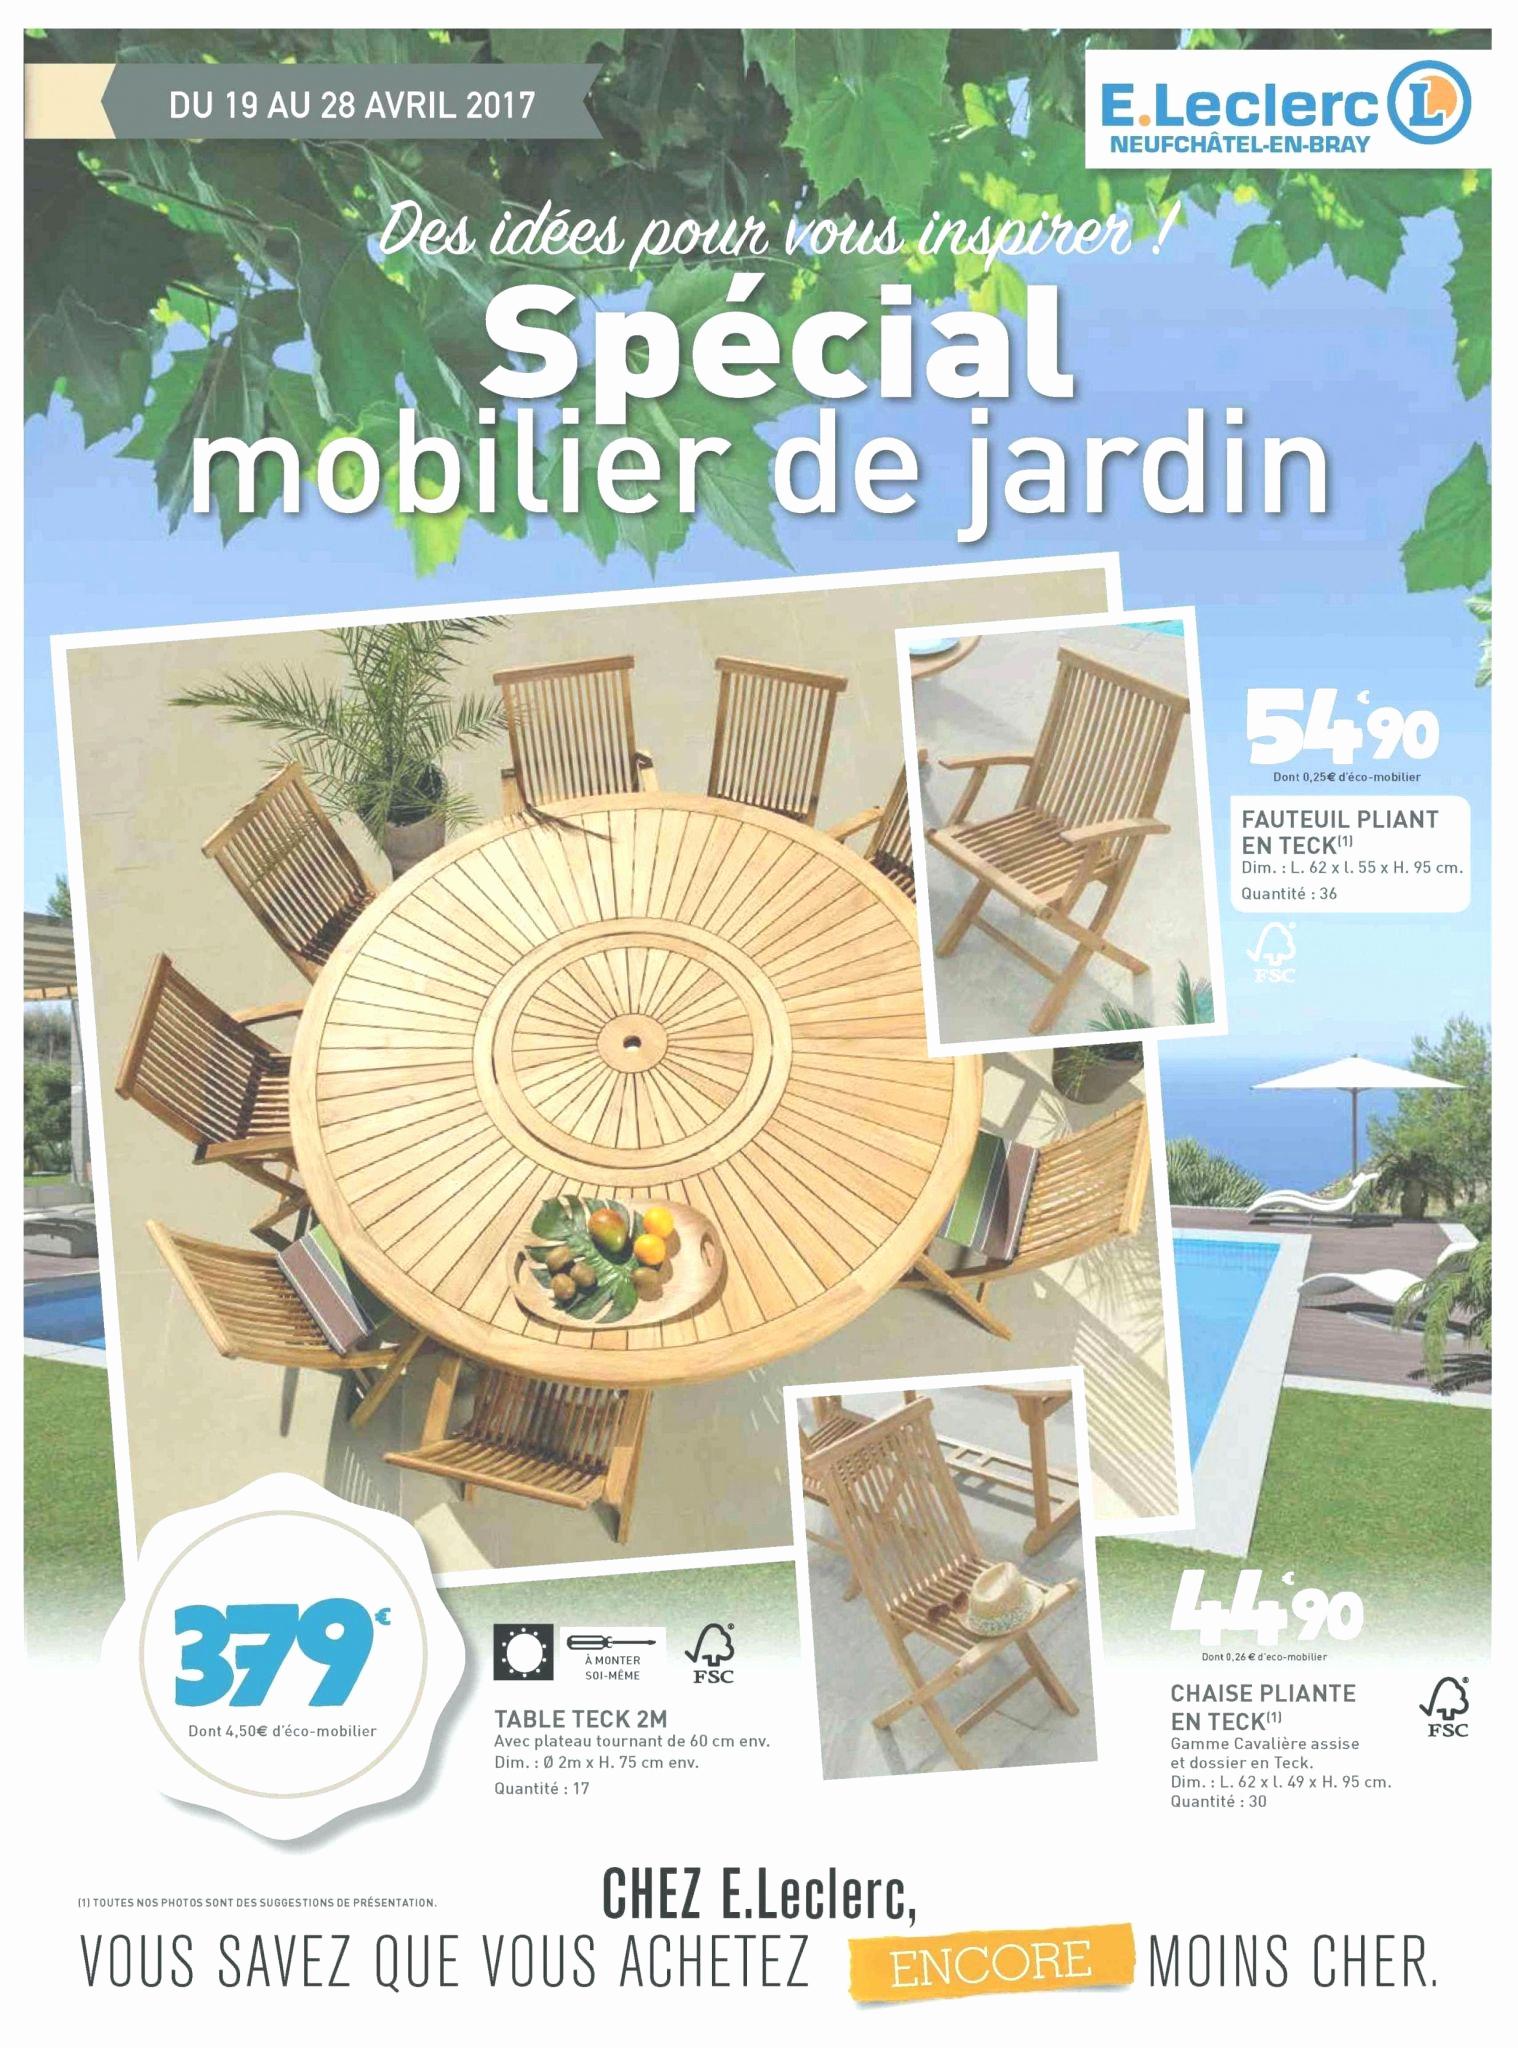 Bon Images De Salle A Manger Belgique Luxe Salon De Jardin ... concernant Salon De Jardin En Teck Pas Cher